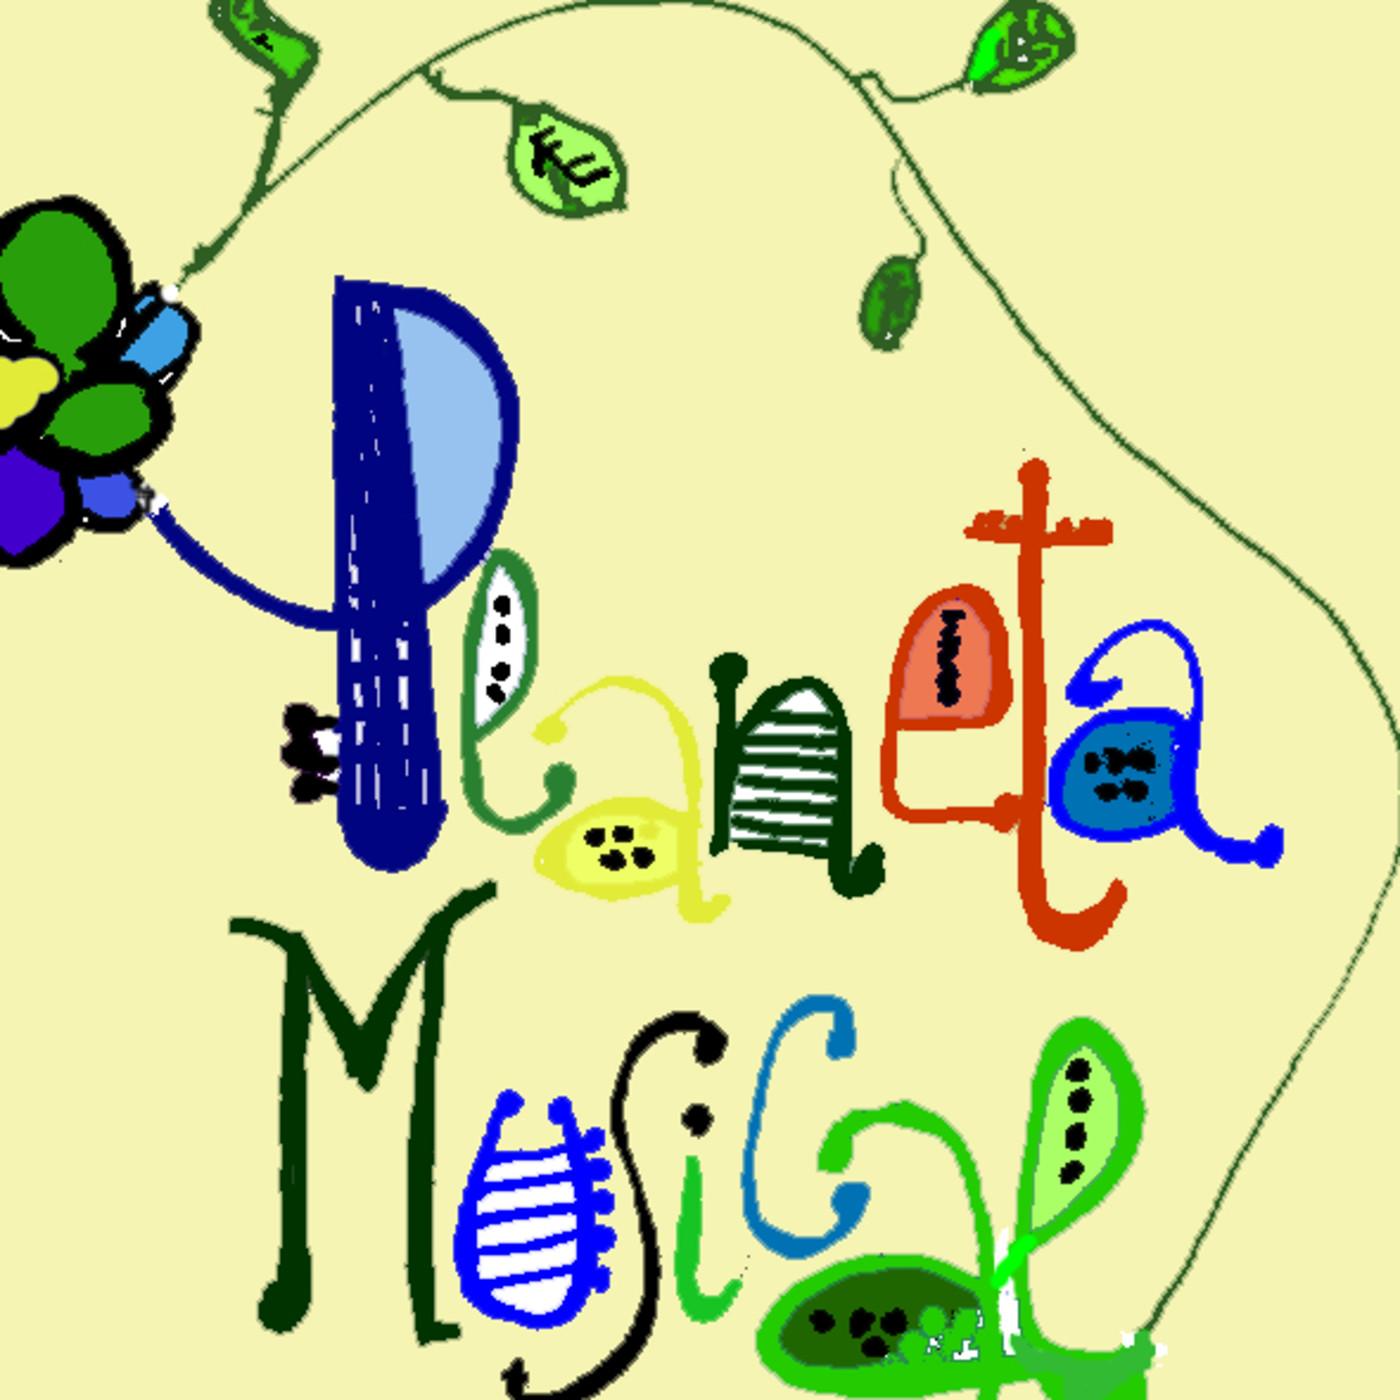 Planeta musical edicion 689 (24.06.2013)